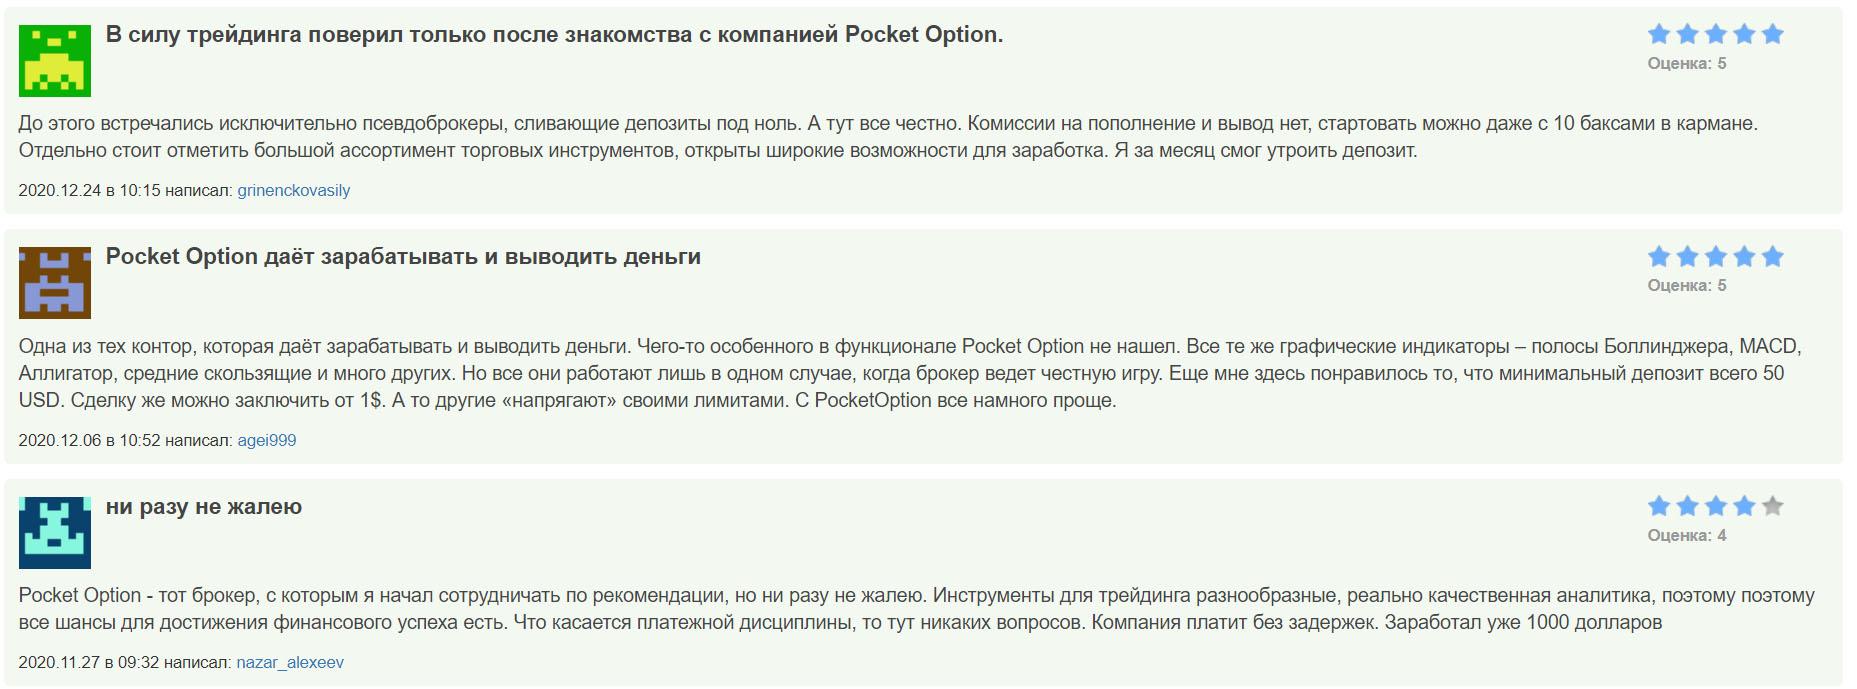 Pocket Option - отзывы, торговый терминал, вывод средств.